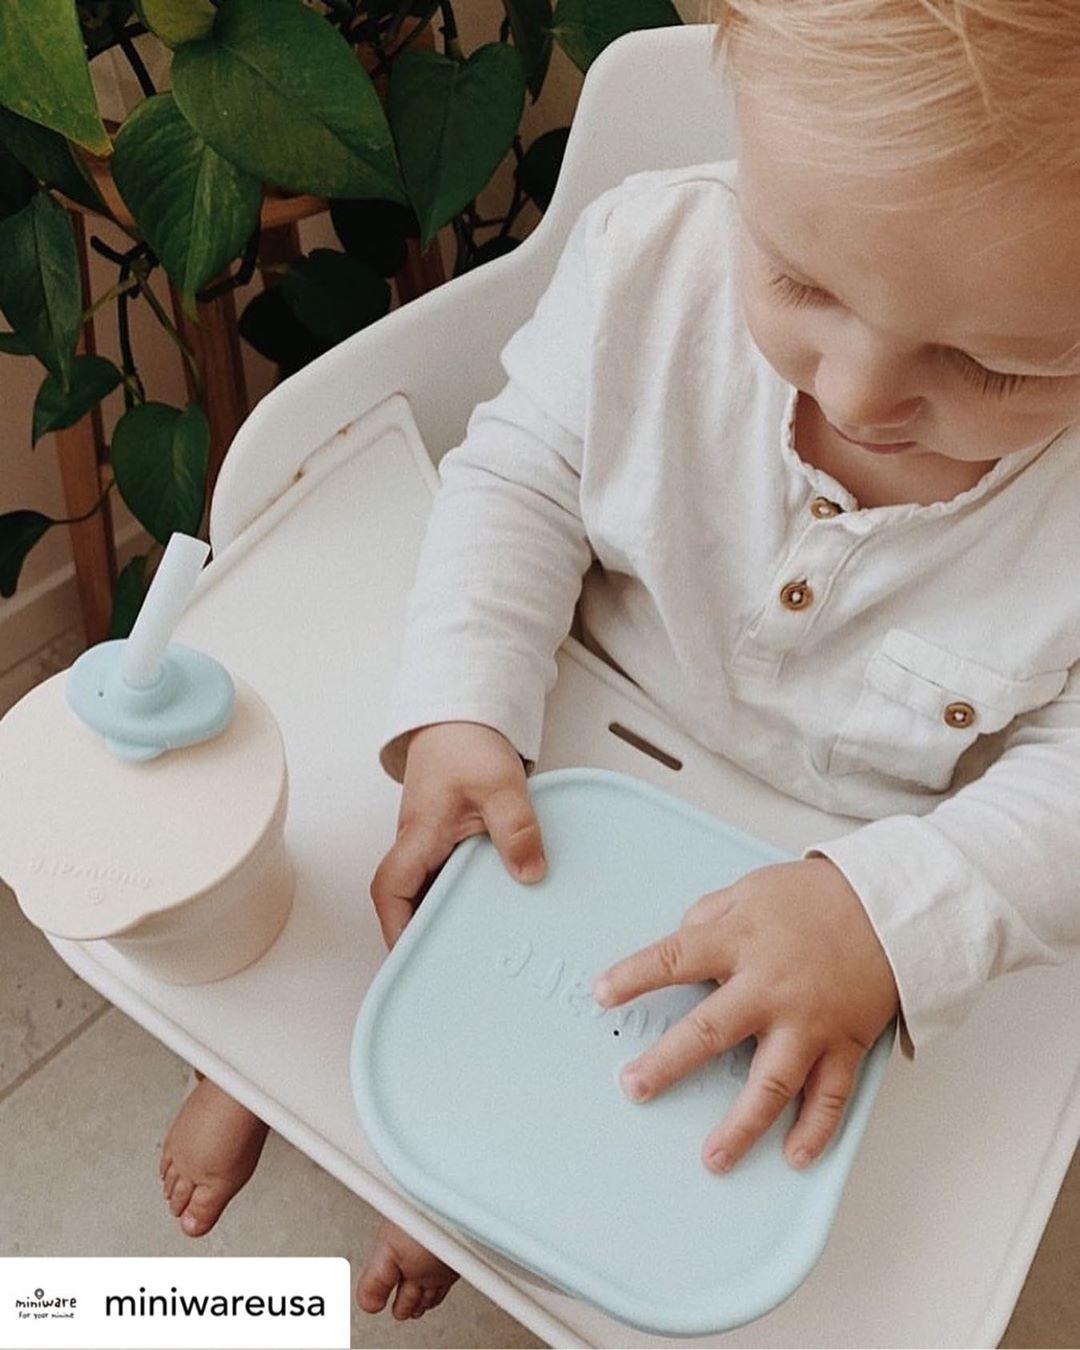 miniware天然宝贝辅食碗-最适合宝宝的辅食餐